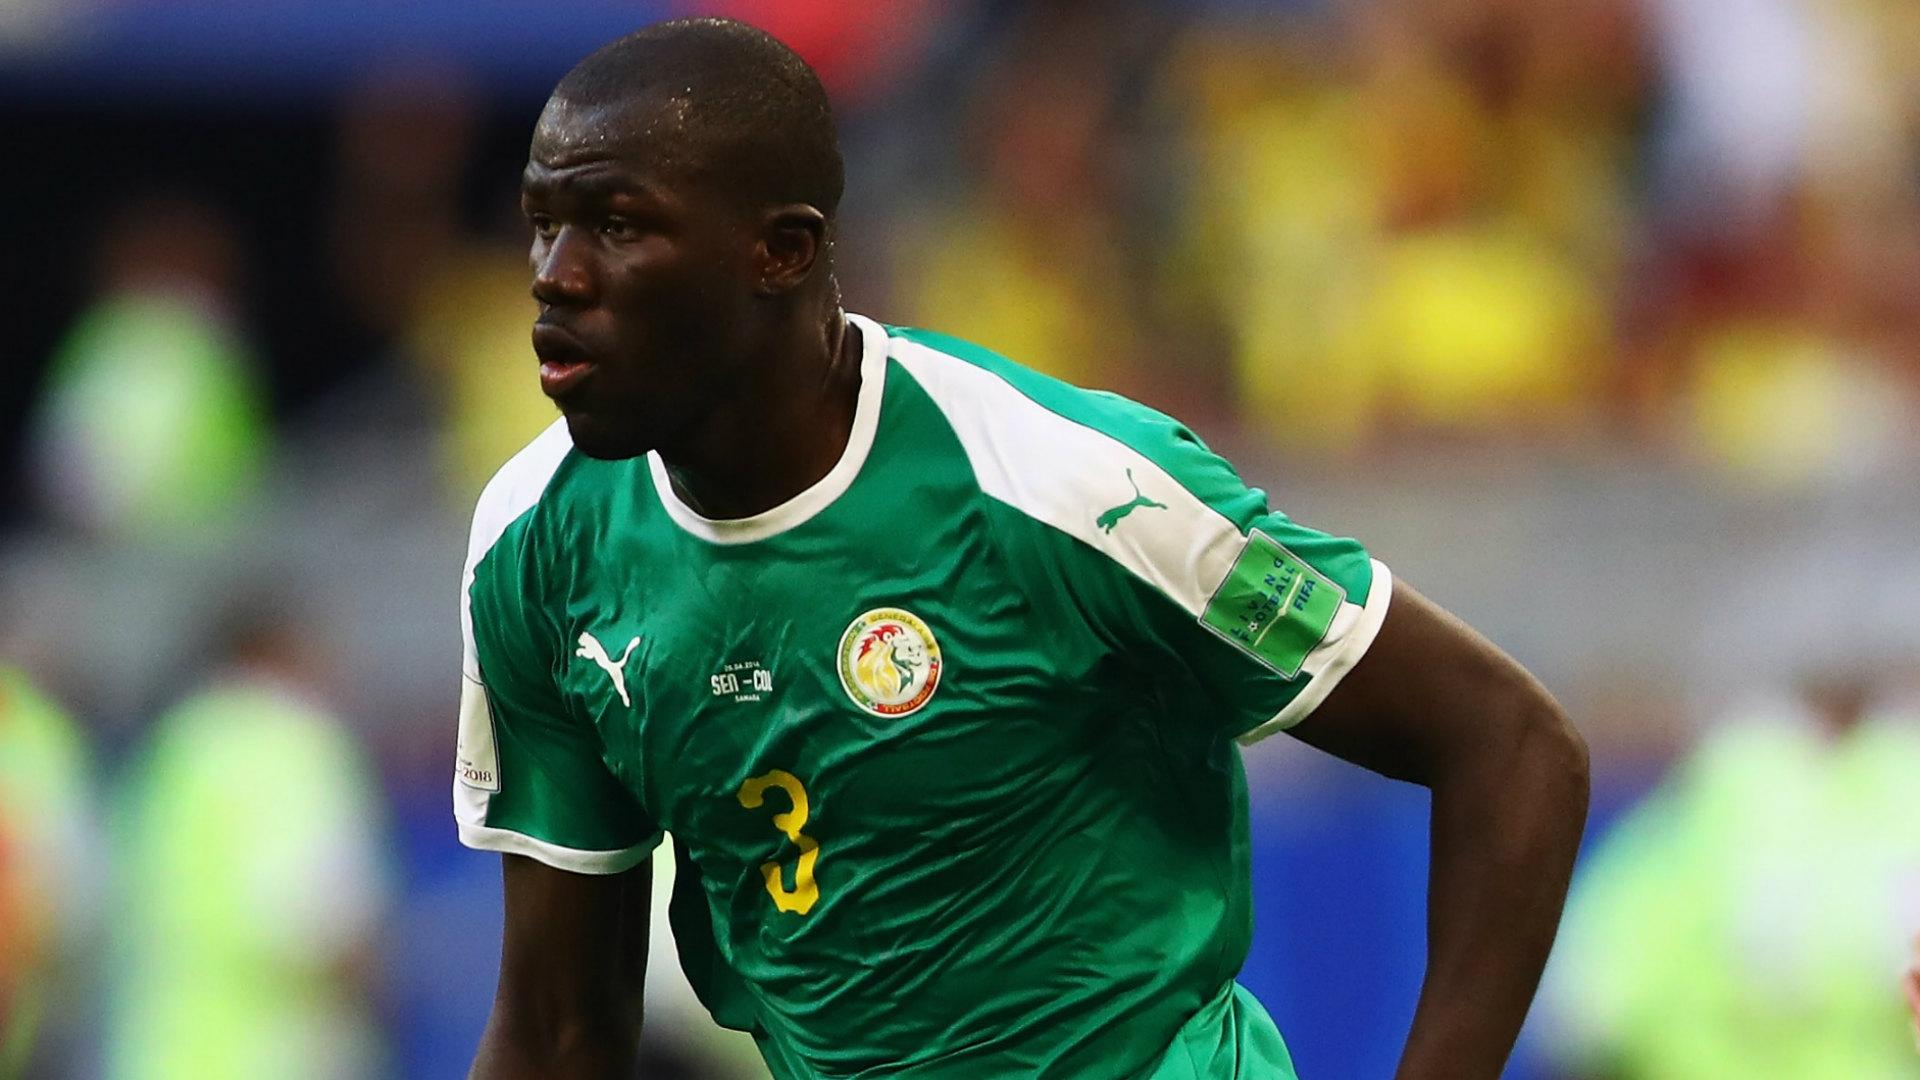 库利巴利缺席非洲杯决赛 主帅西塞很遗憾